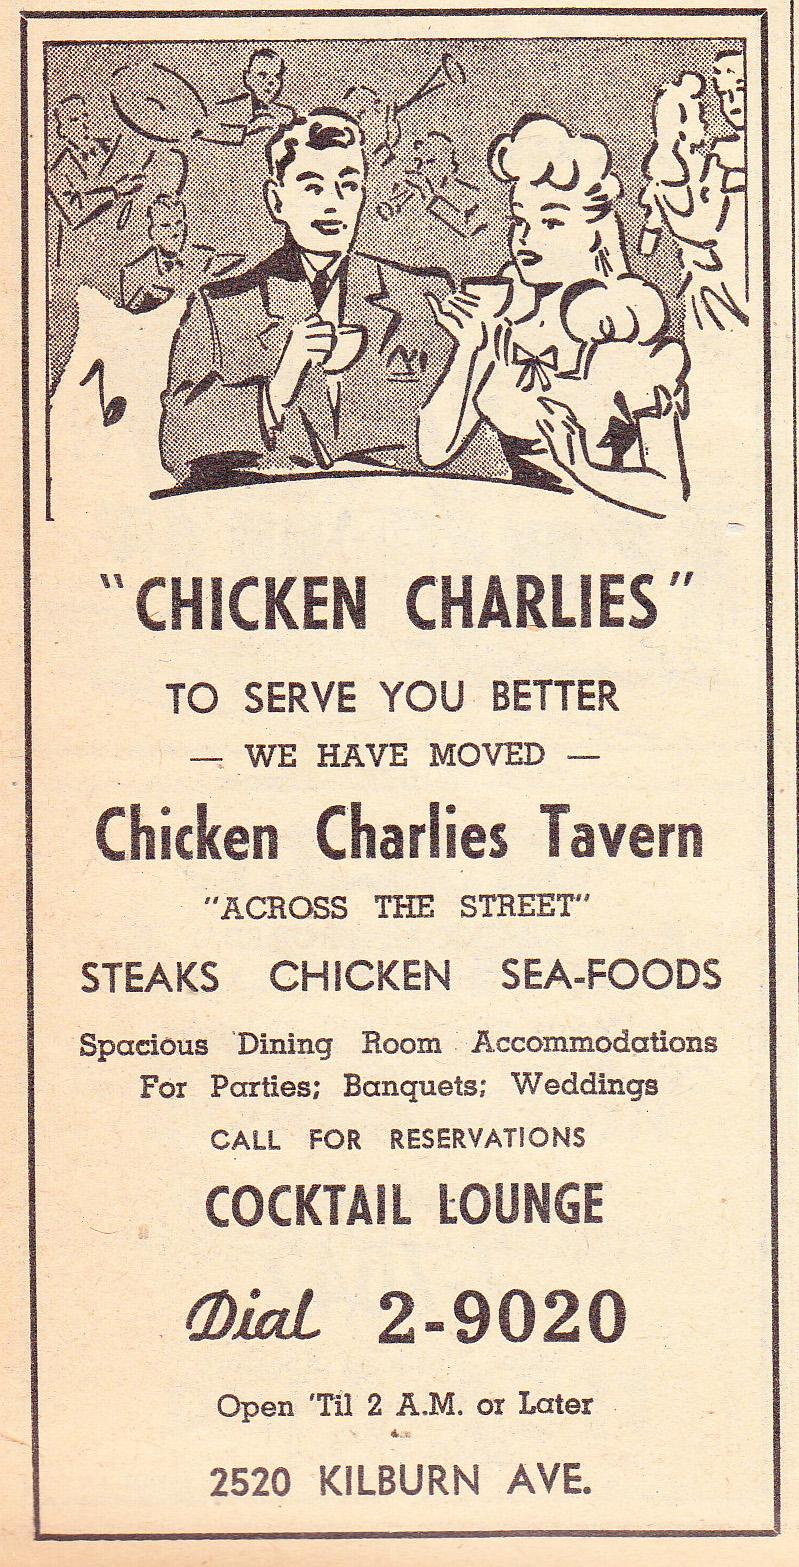 Chicken Charlie's Tavern